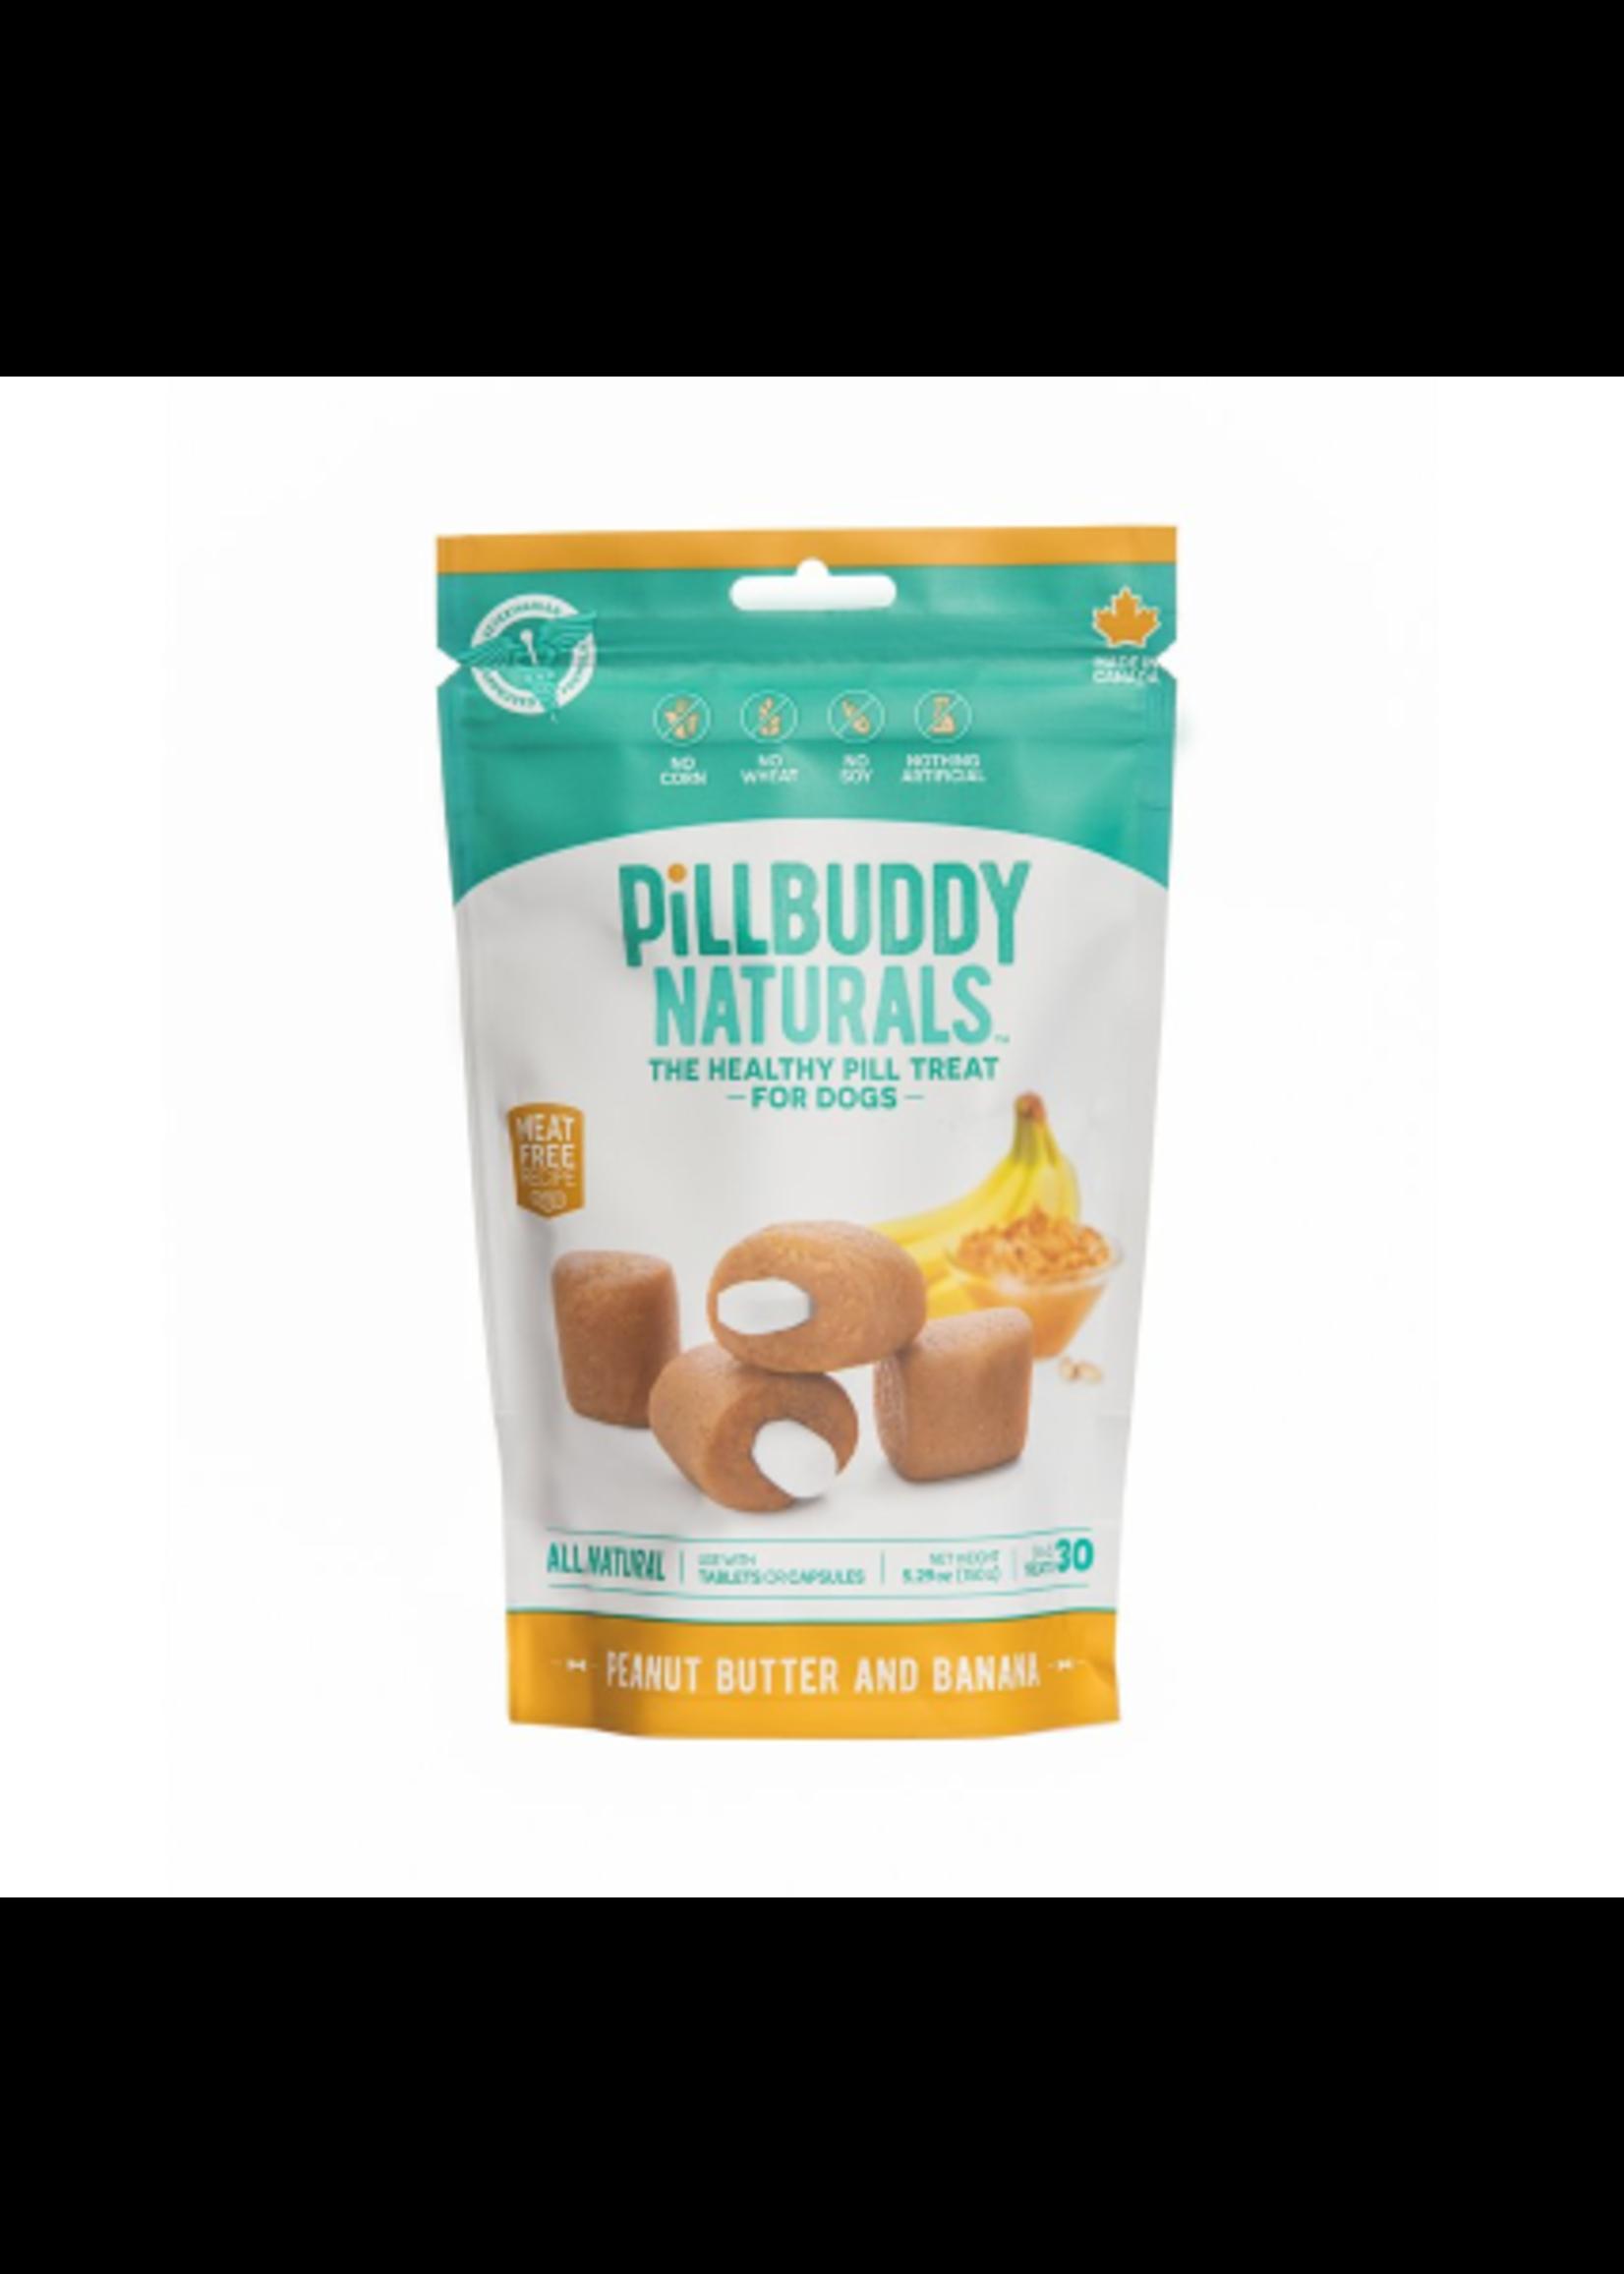 Pill Buddy Naturals Peanut Butter and Banana 150g 30ct